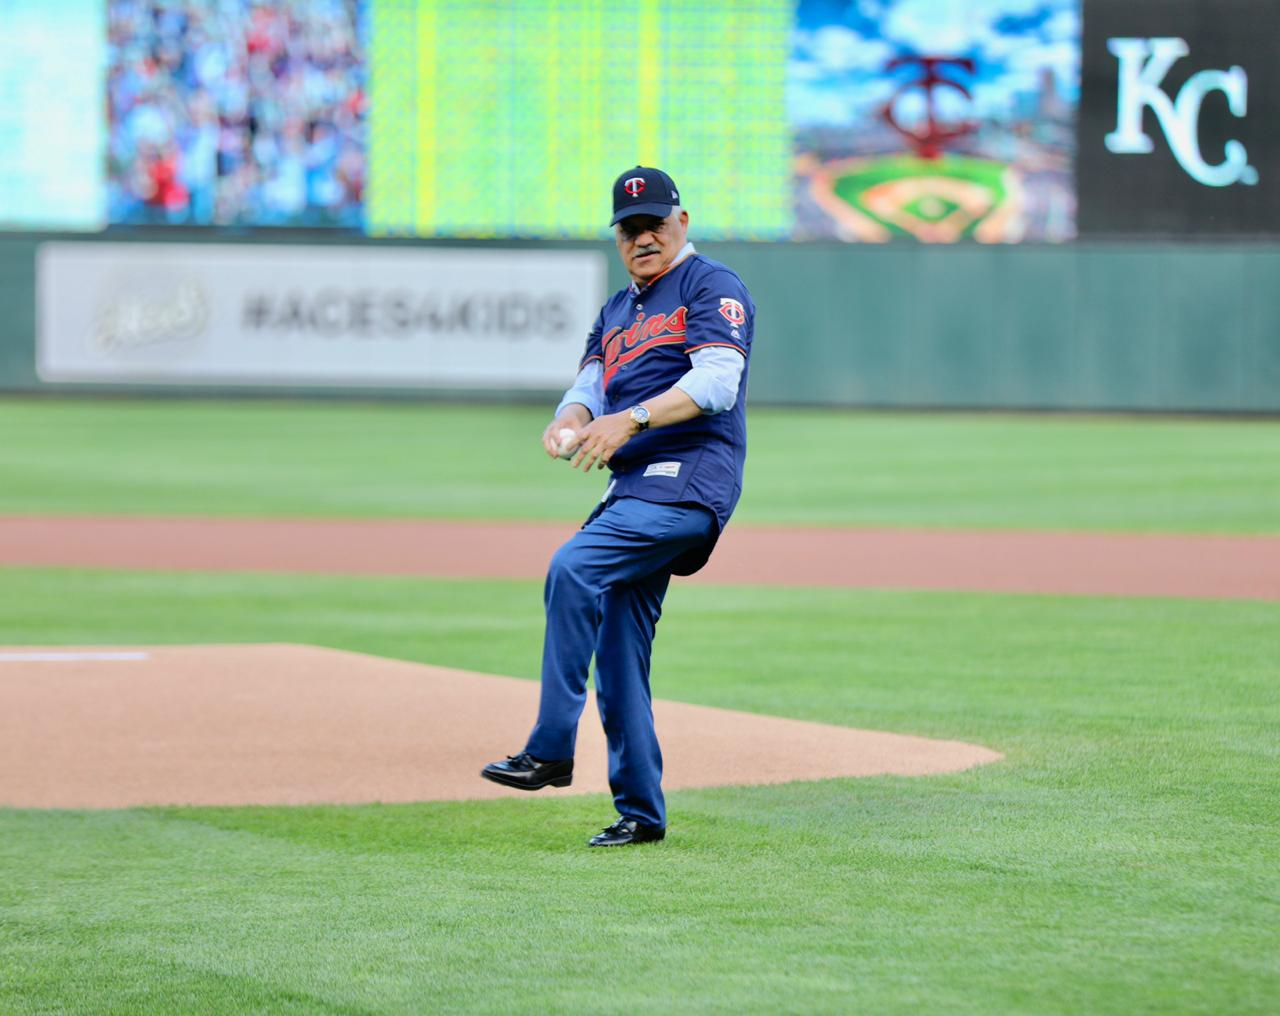 Canciller Miguel Vargas pondera aportes beisbolistas dominicanos a imagen nacional